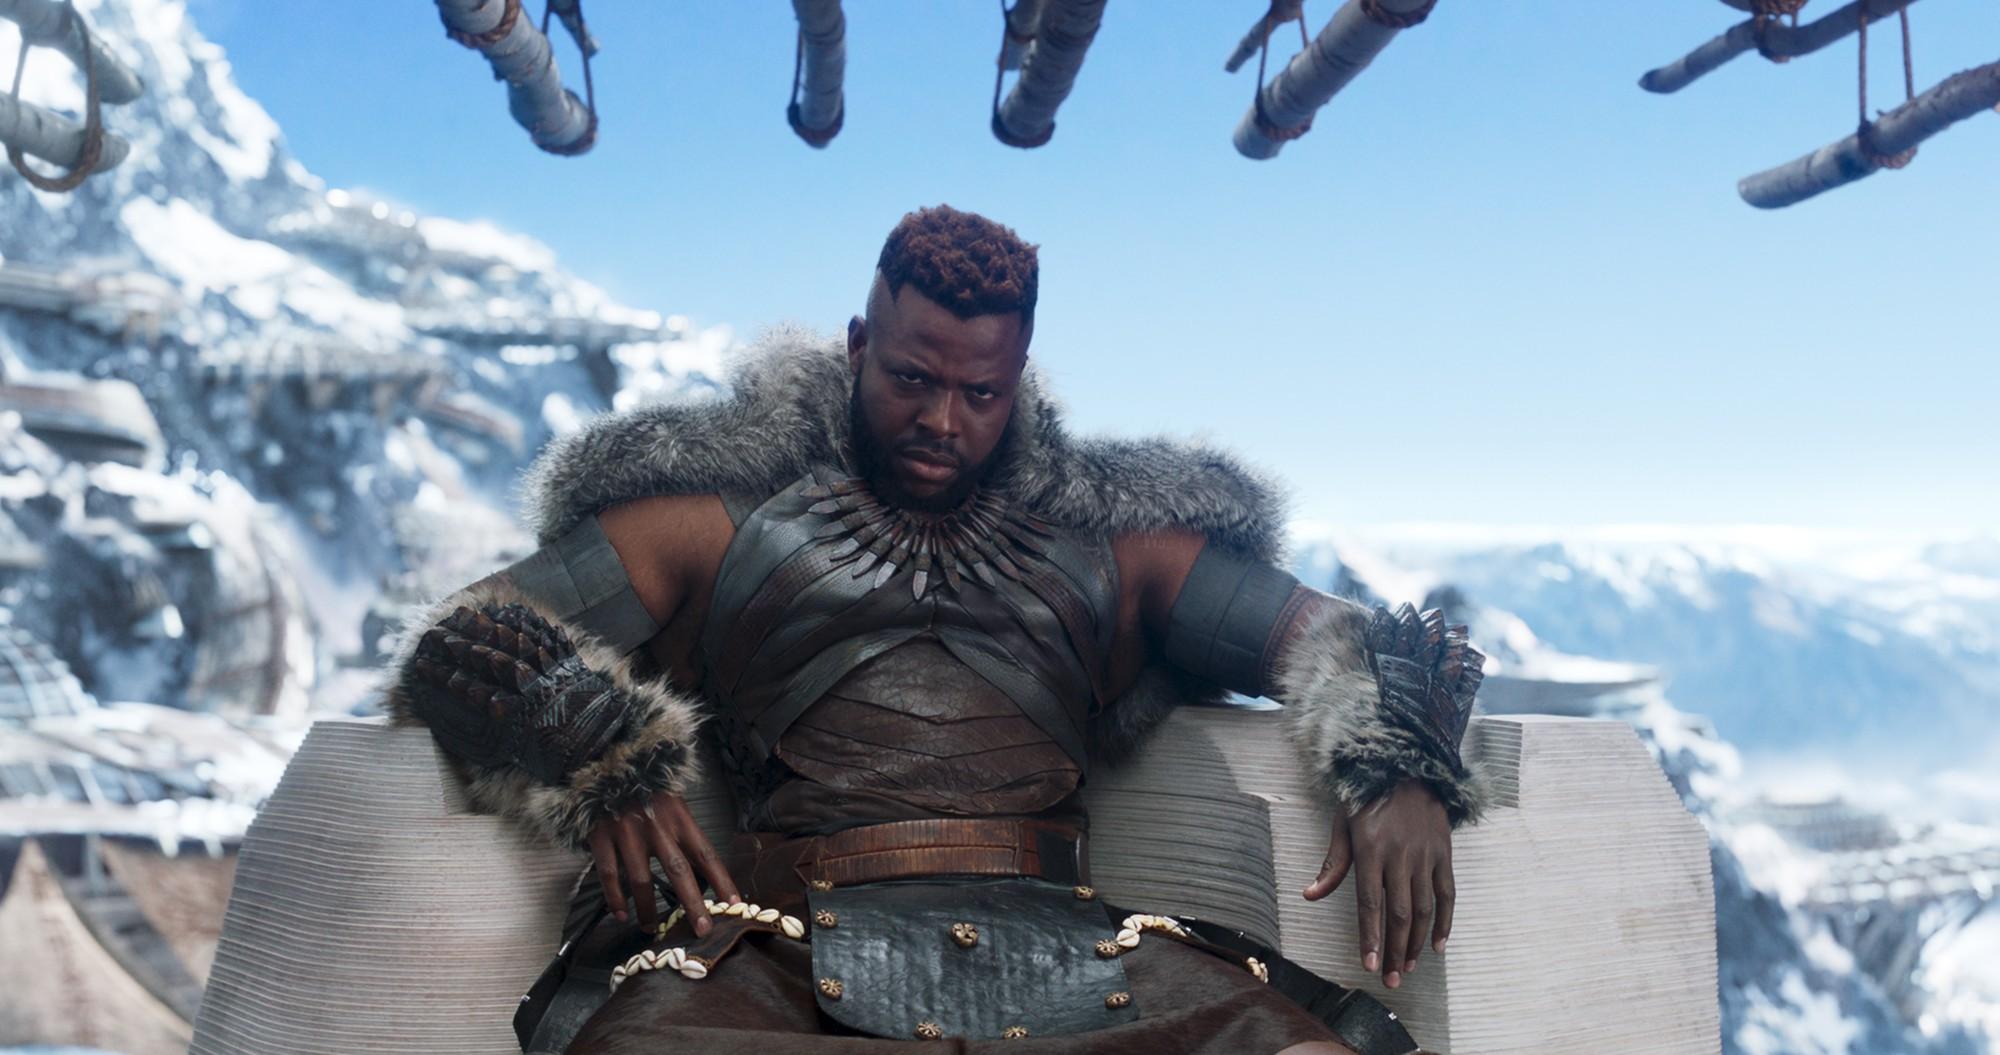 Tất tần tật về 8 nhân vật chủ chốt bạn cần biết trong bom tấn Black Panther - Ảnh 10.